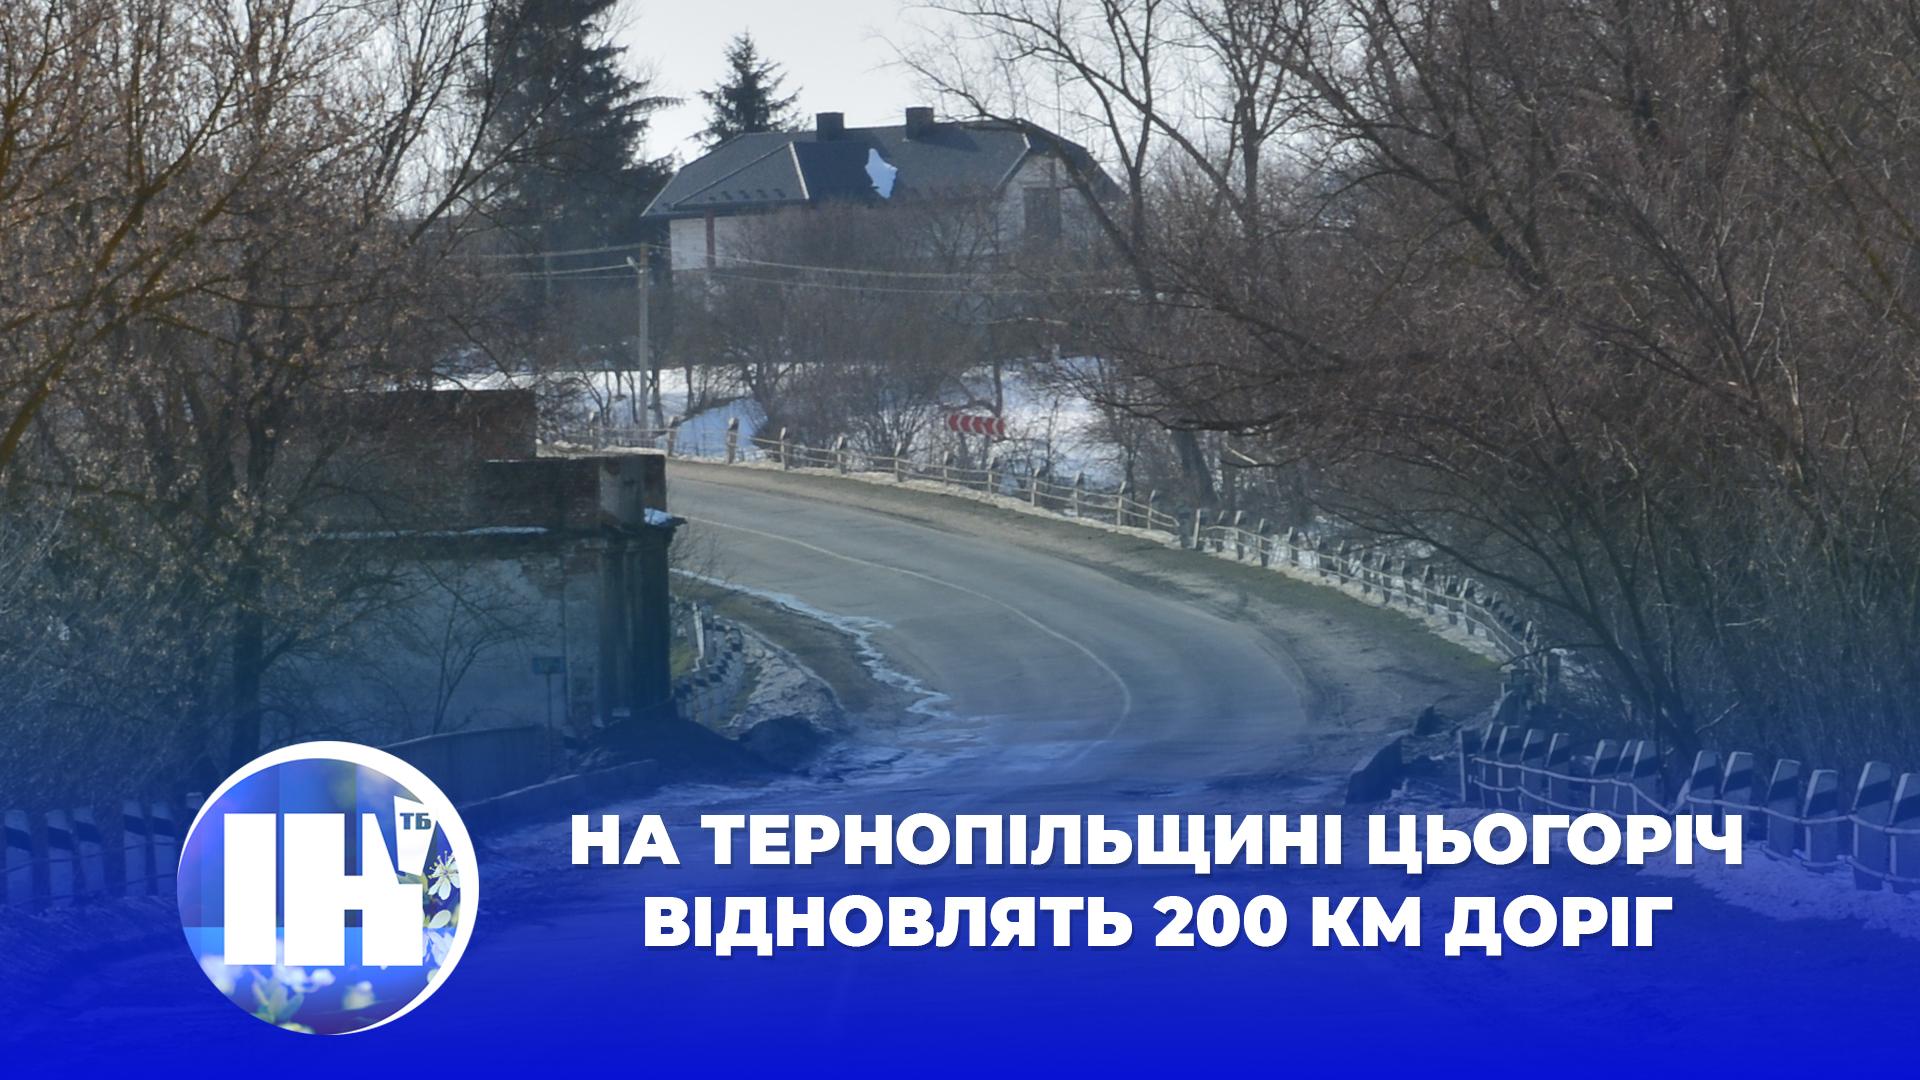 На Тернопільщині цьогоріч відновлять 200 км доріг